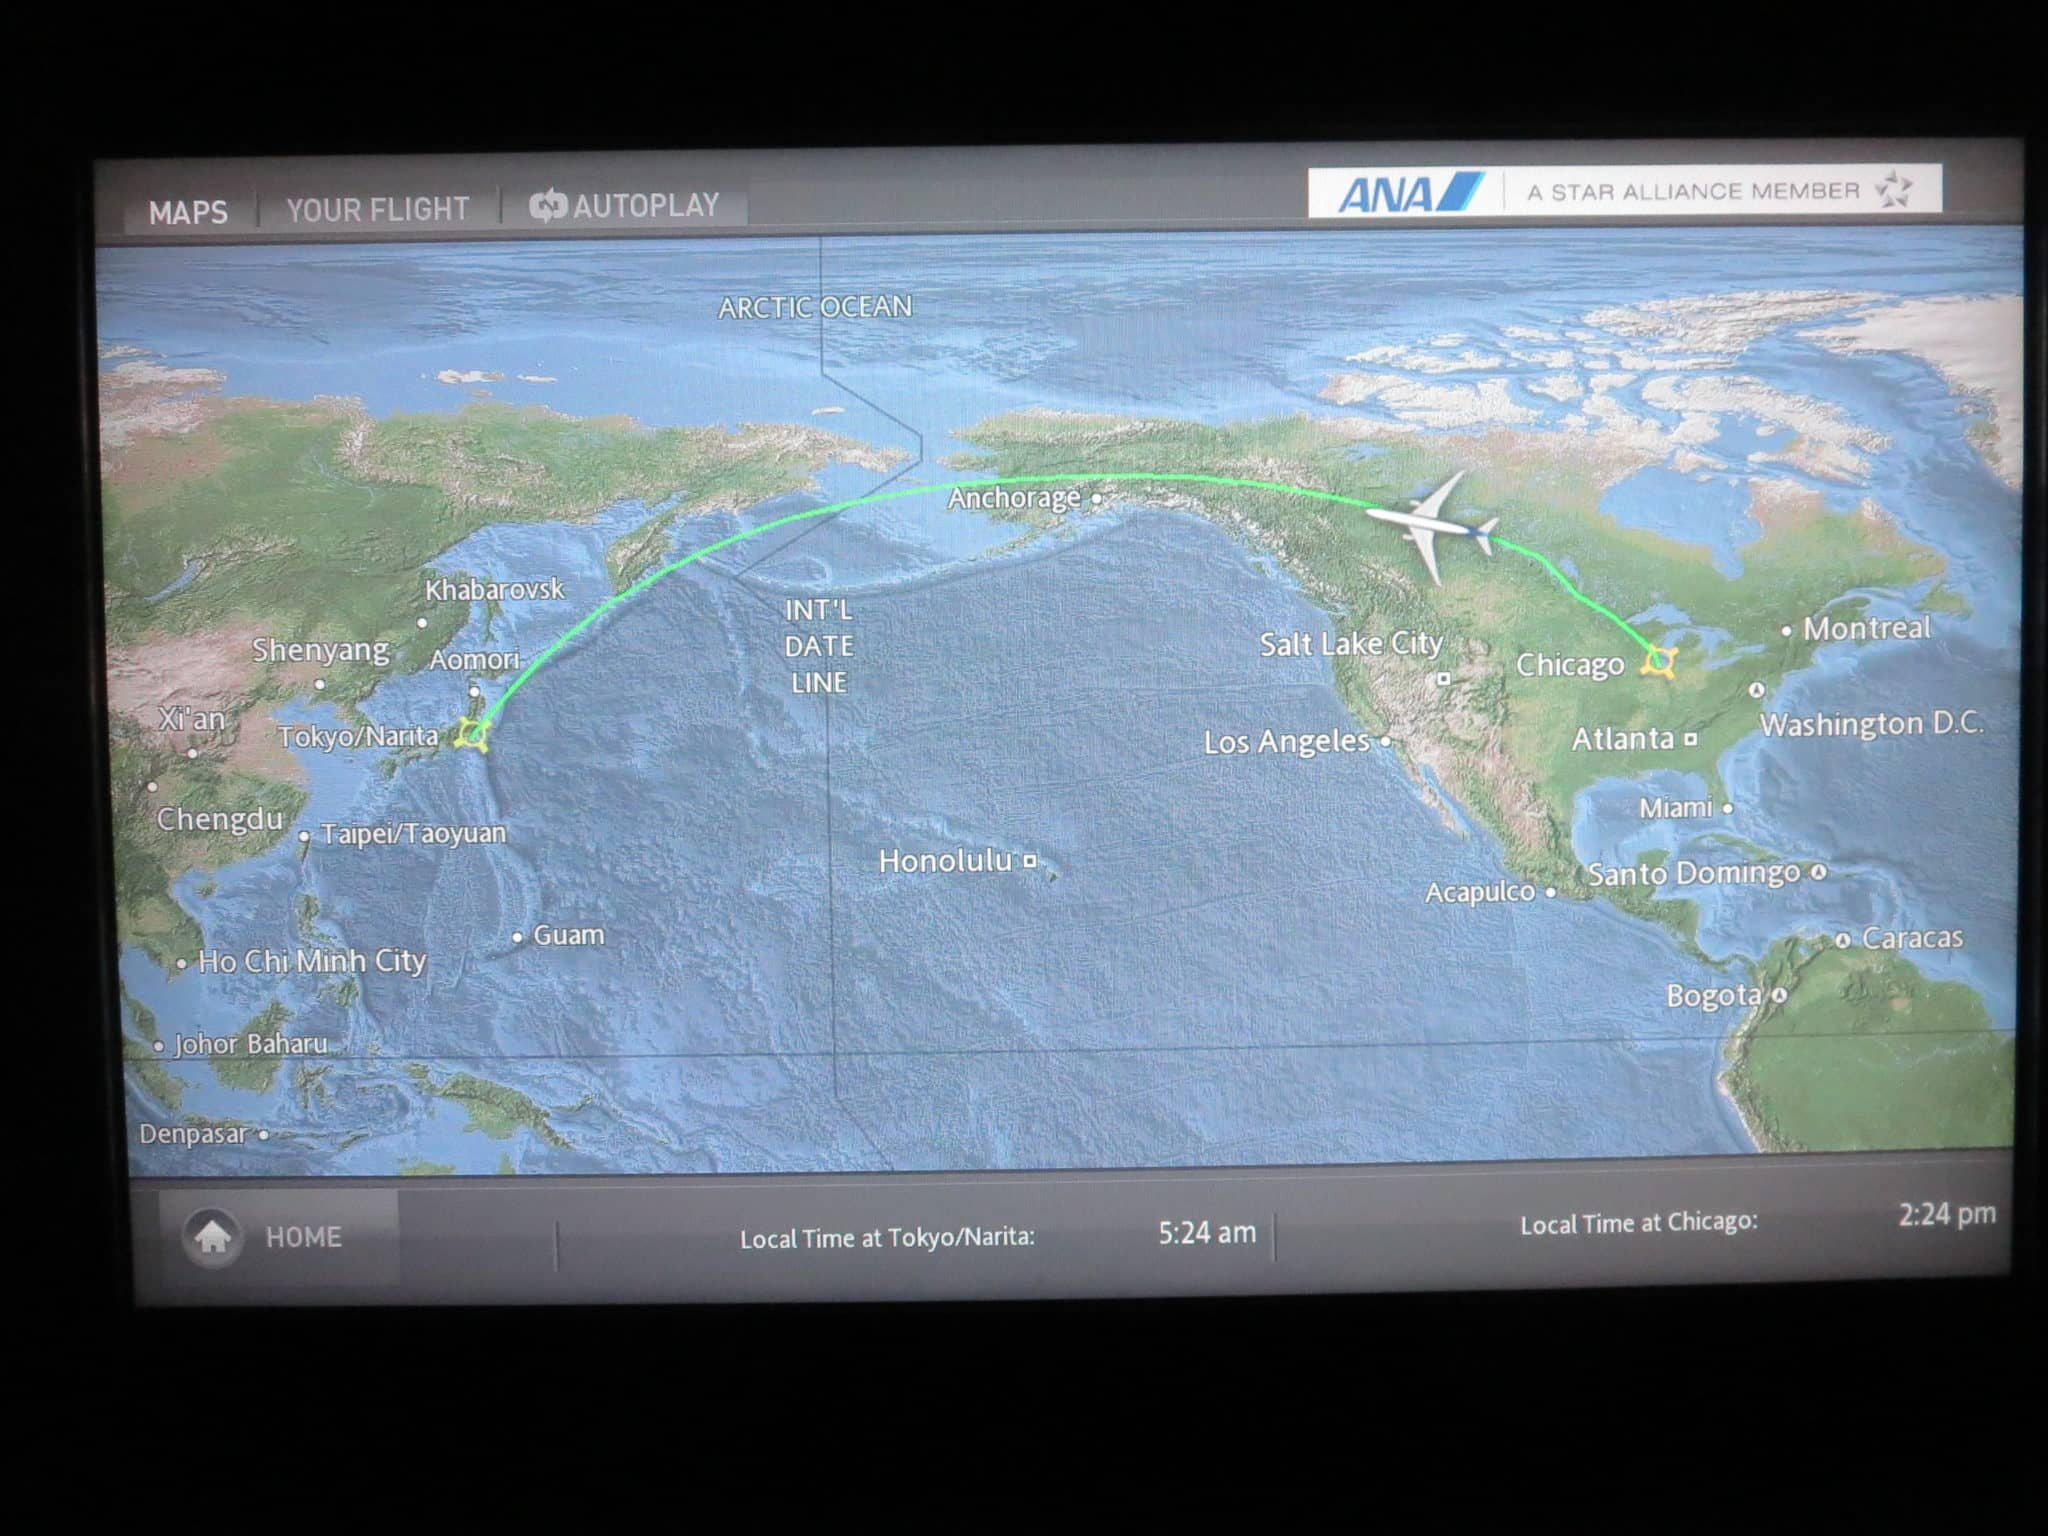 ANA First Class Flight Show